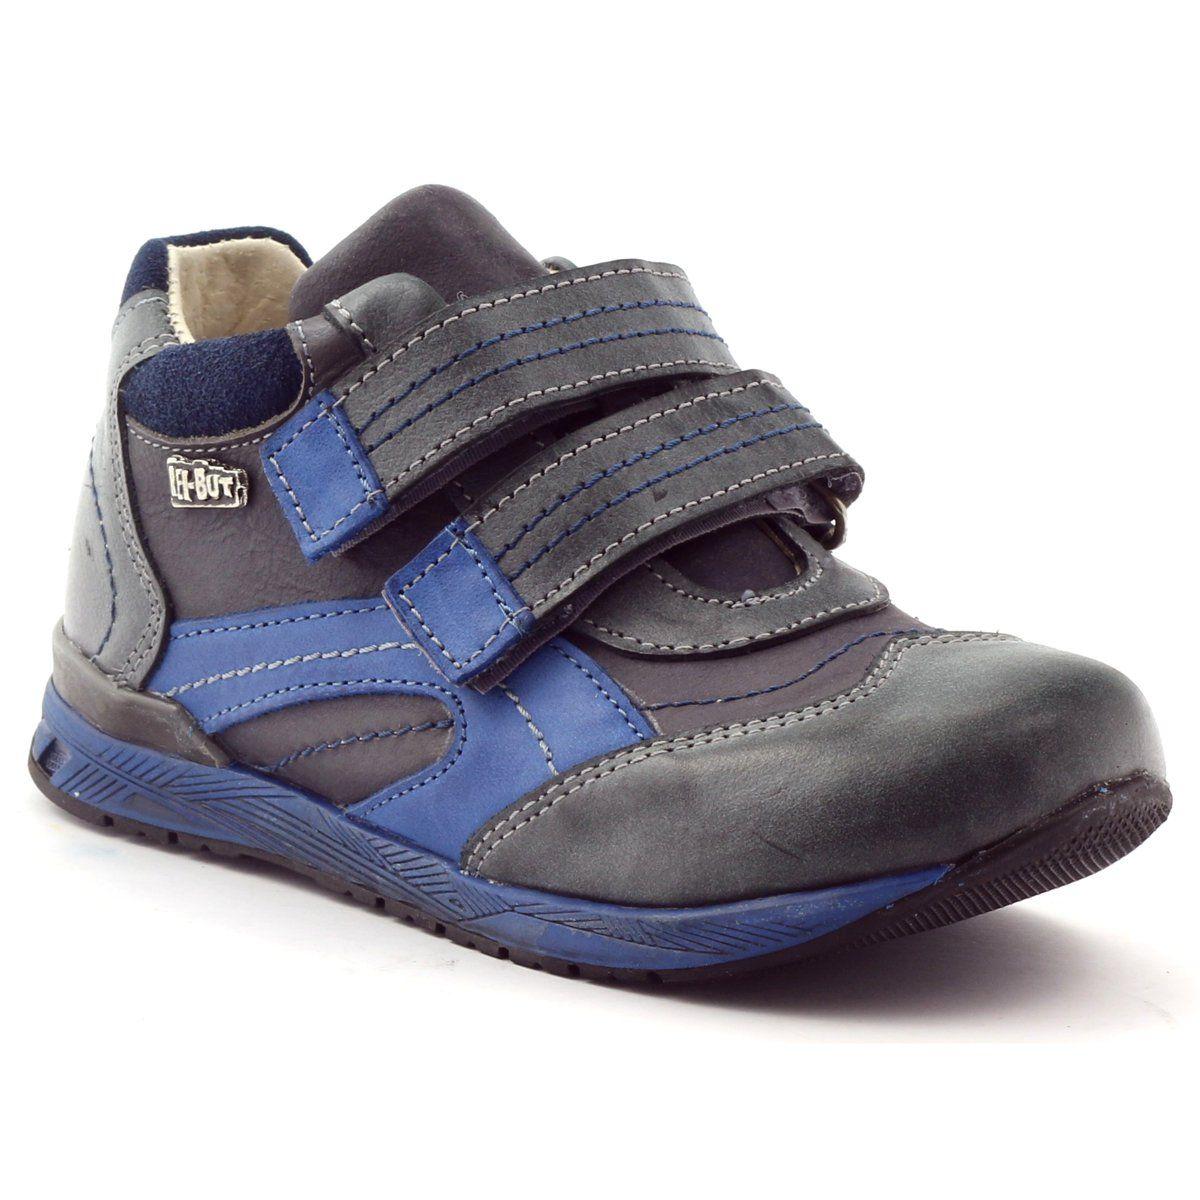 Trzewiki Buty Chlopiece Ren But 3267 Wielokolorowe Niebieskie Wedge Sneaker Shoes Sneakers